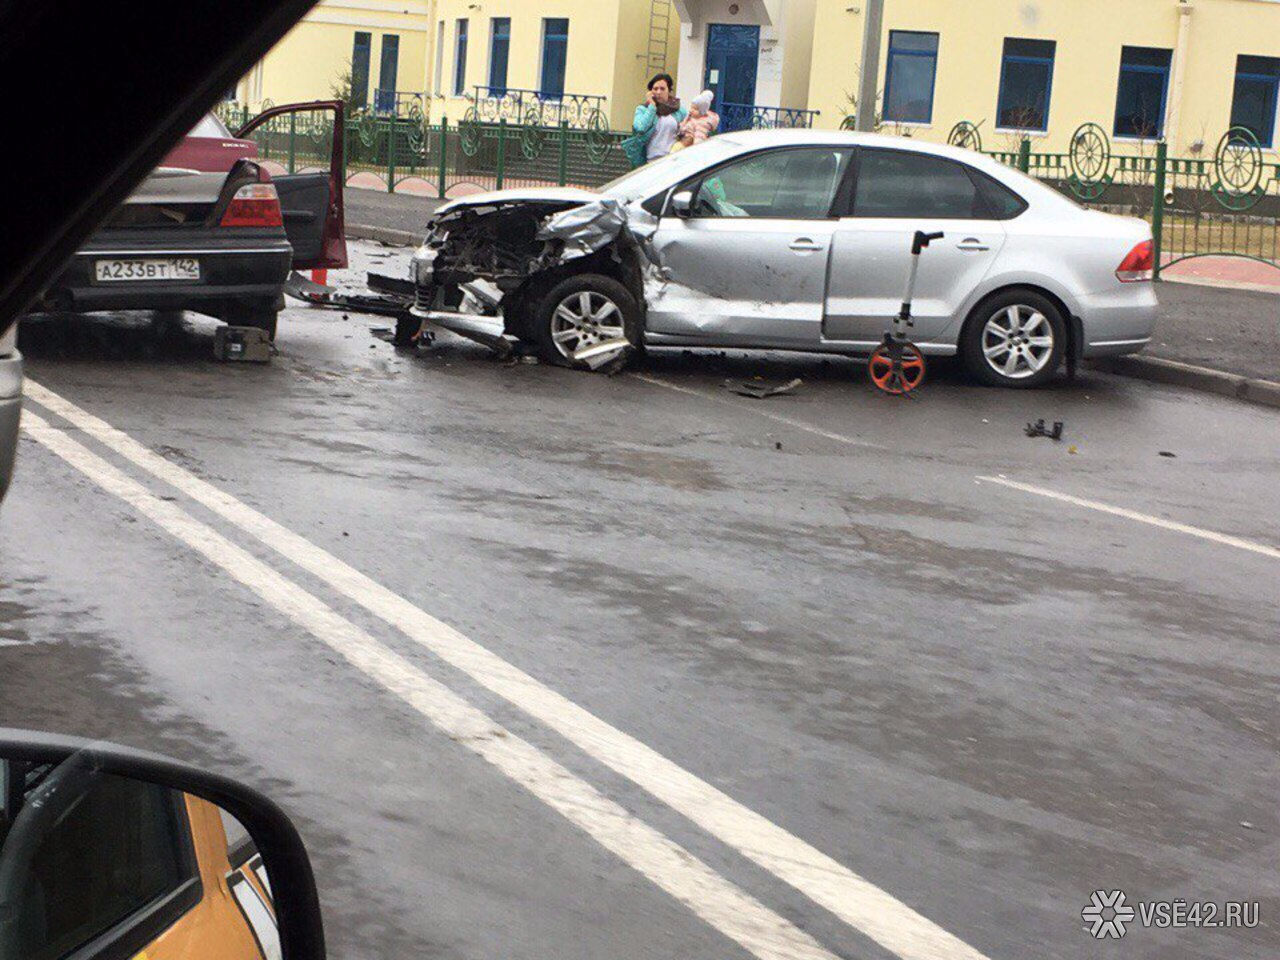 ВКемерове наШахтёров шофёр Шевроле спровоцировал тройное ДТП